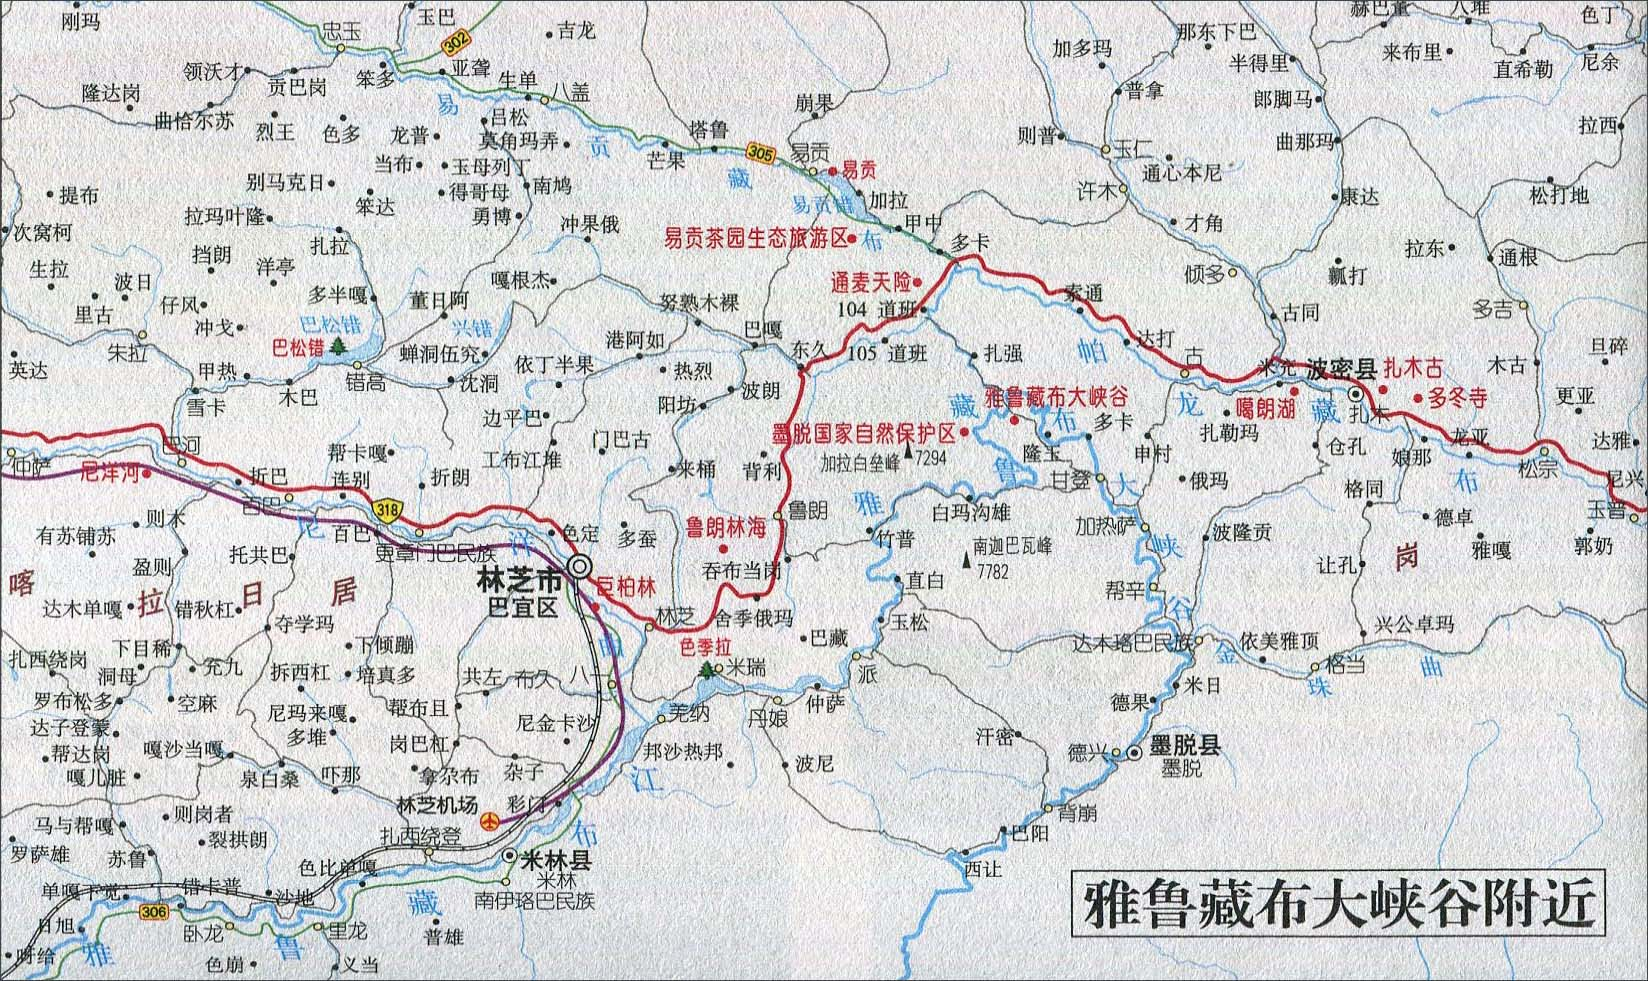 雅鲁藏布大峡谷附近旅游交通地图